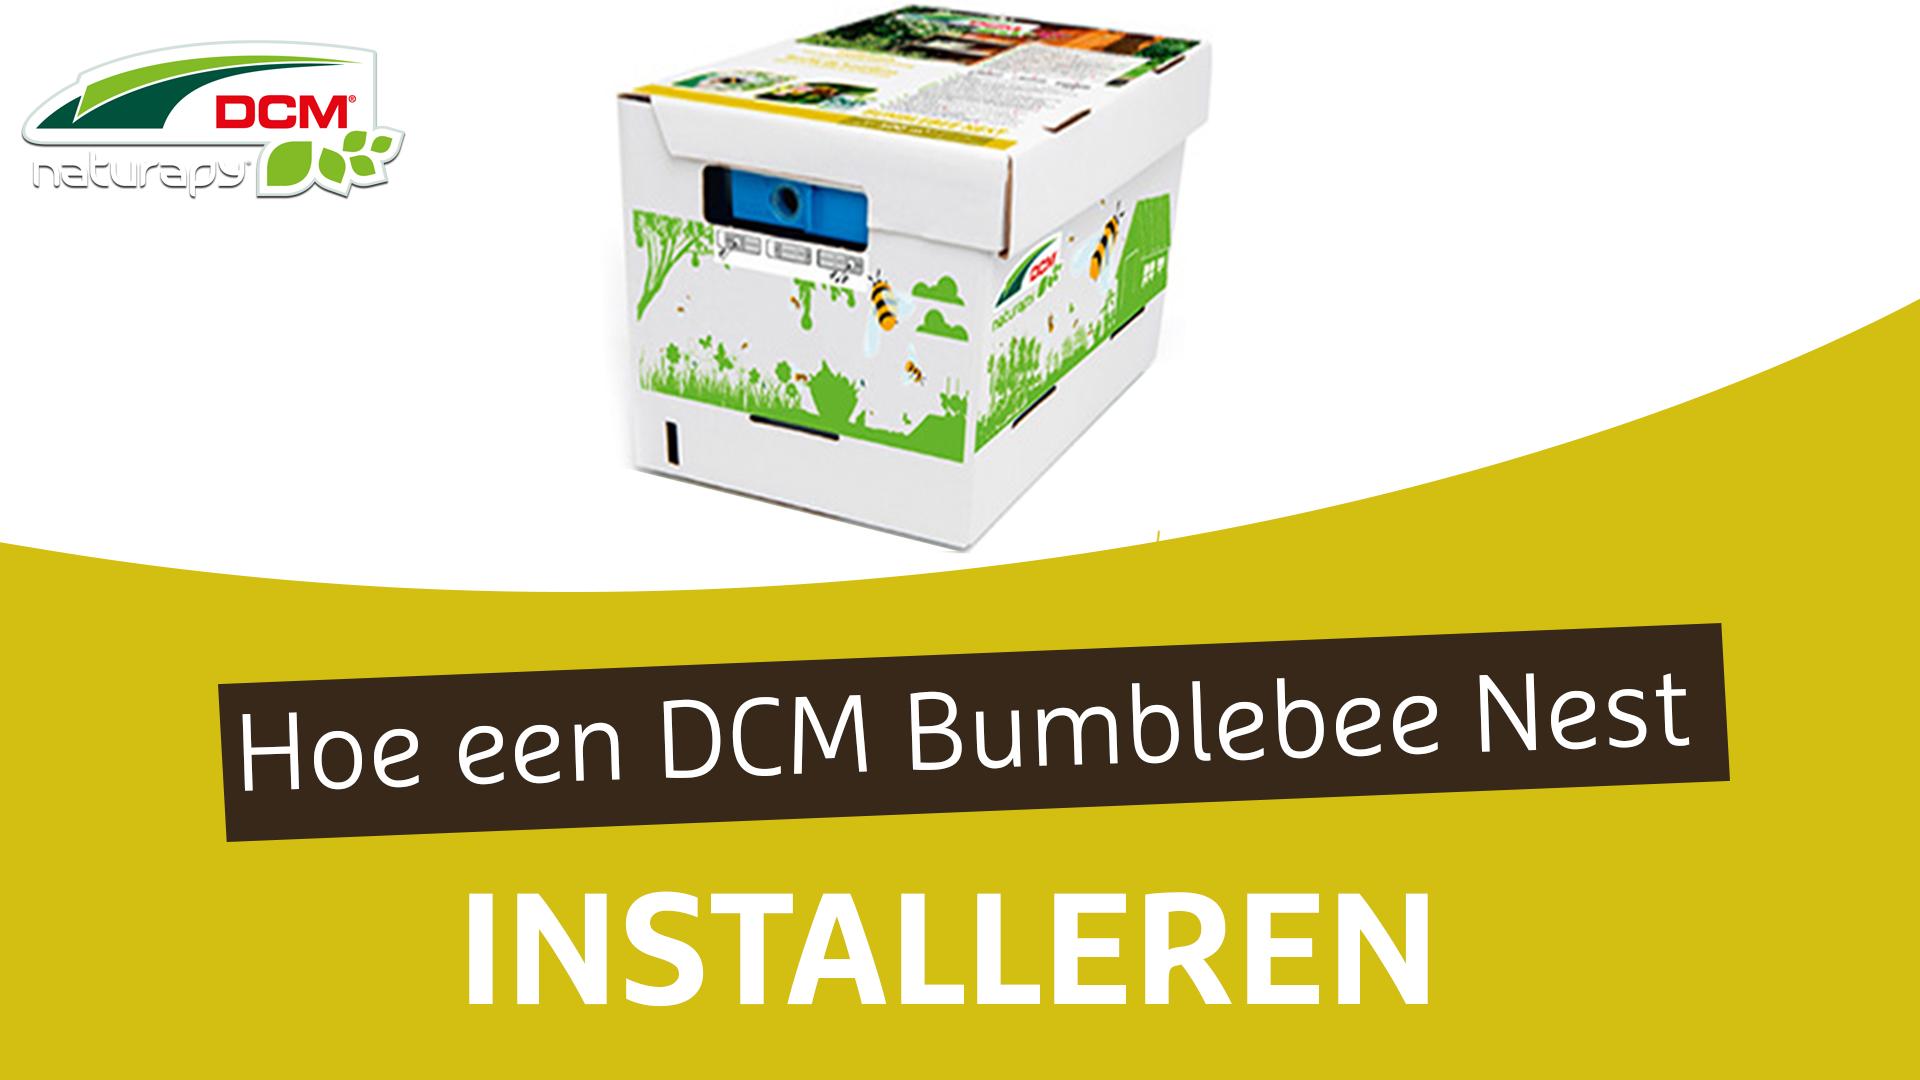 Hoe een hommelnest installeren? - DCM Bumblebee Nest